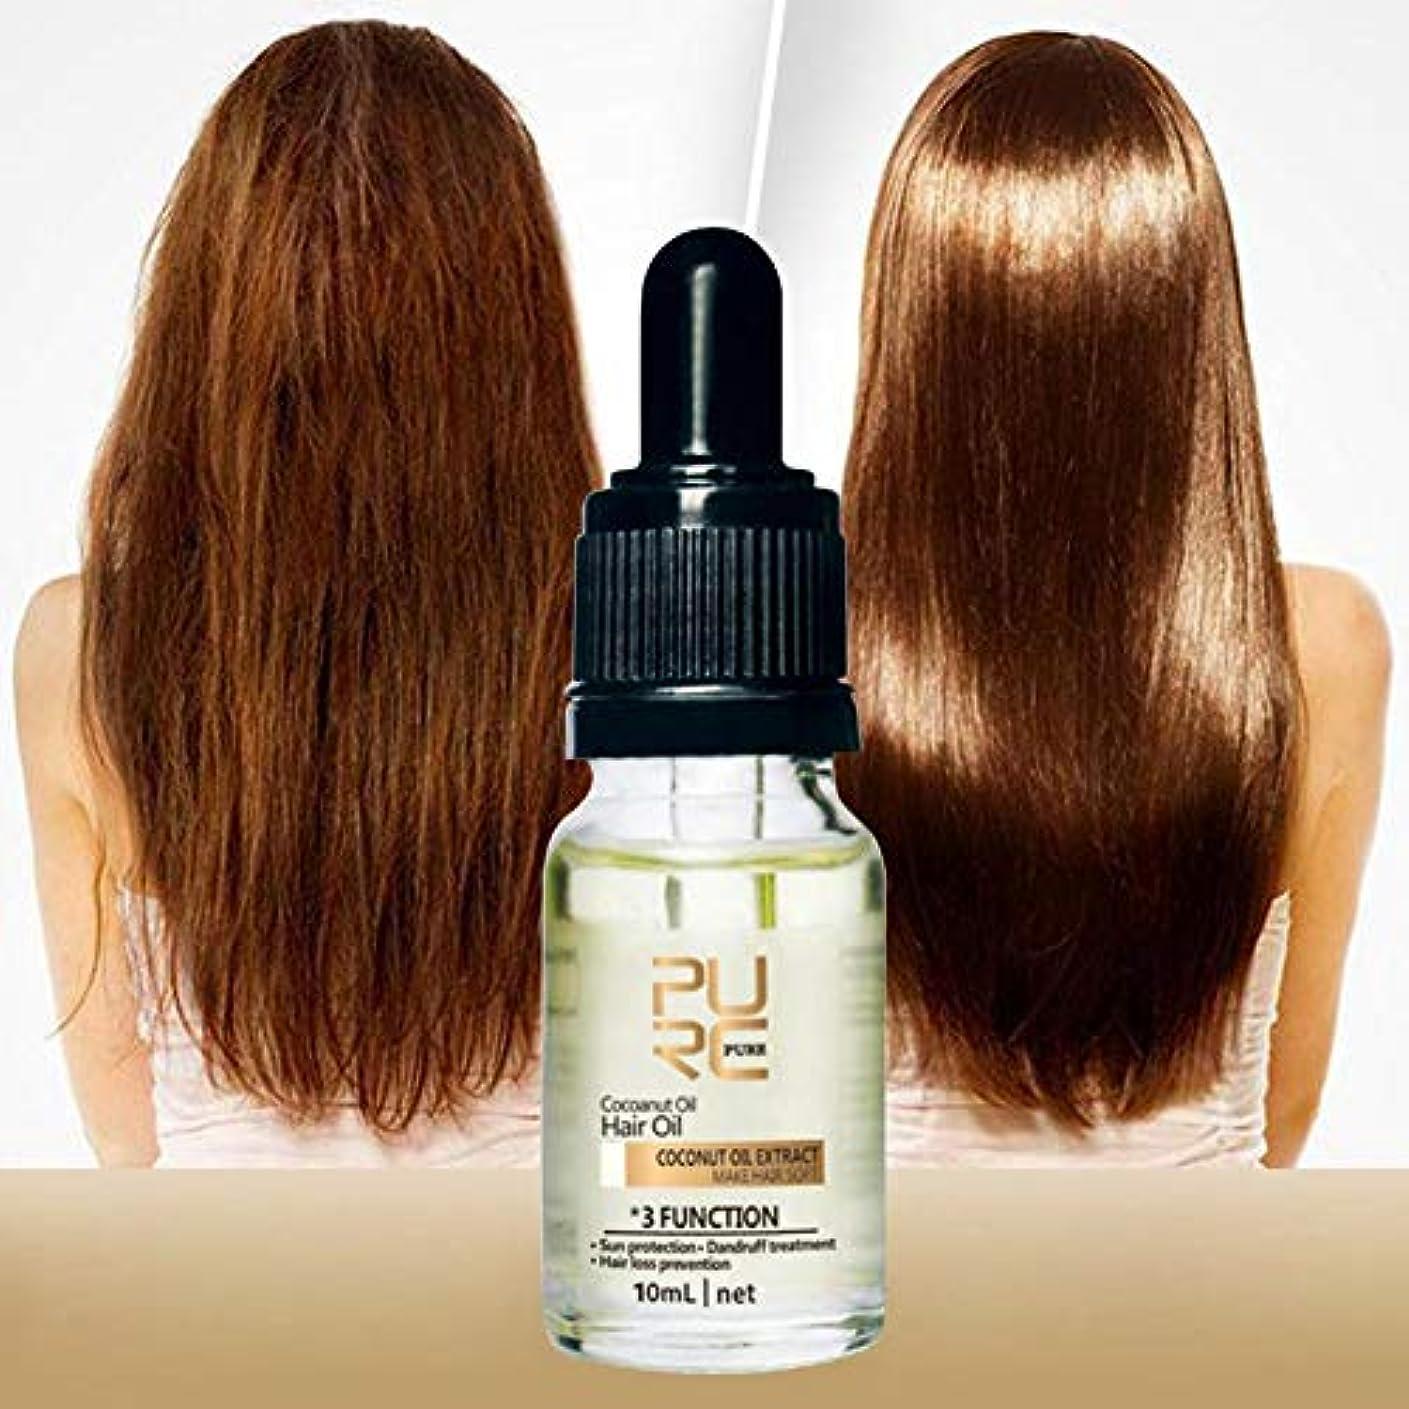 親密な可愛いほとんどの場合SILUN ヘアケアエッセンシャルオイル 脱毛防止フケ ヘアケア 防止ココナッツ アンチヘアー、リペア、ドライ、ラフ、サプリメントヘア オイルケアエッセンス10ML